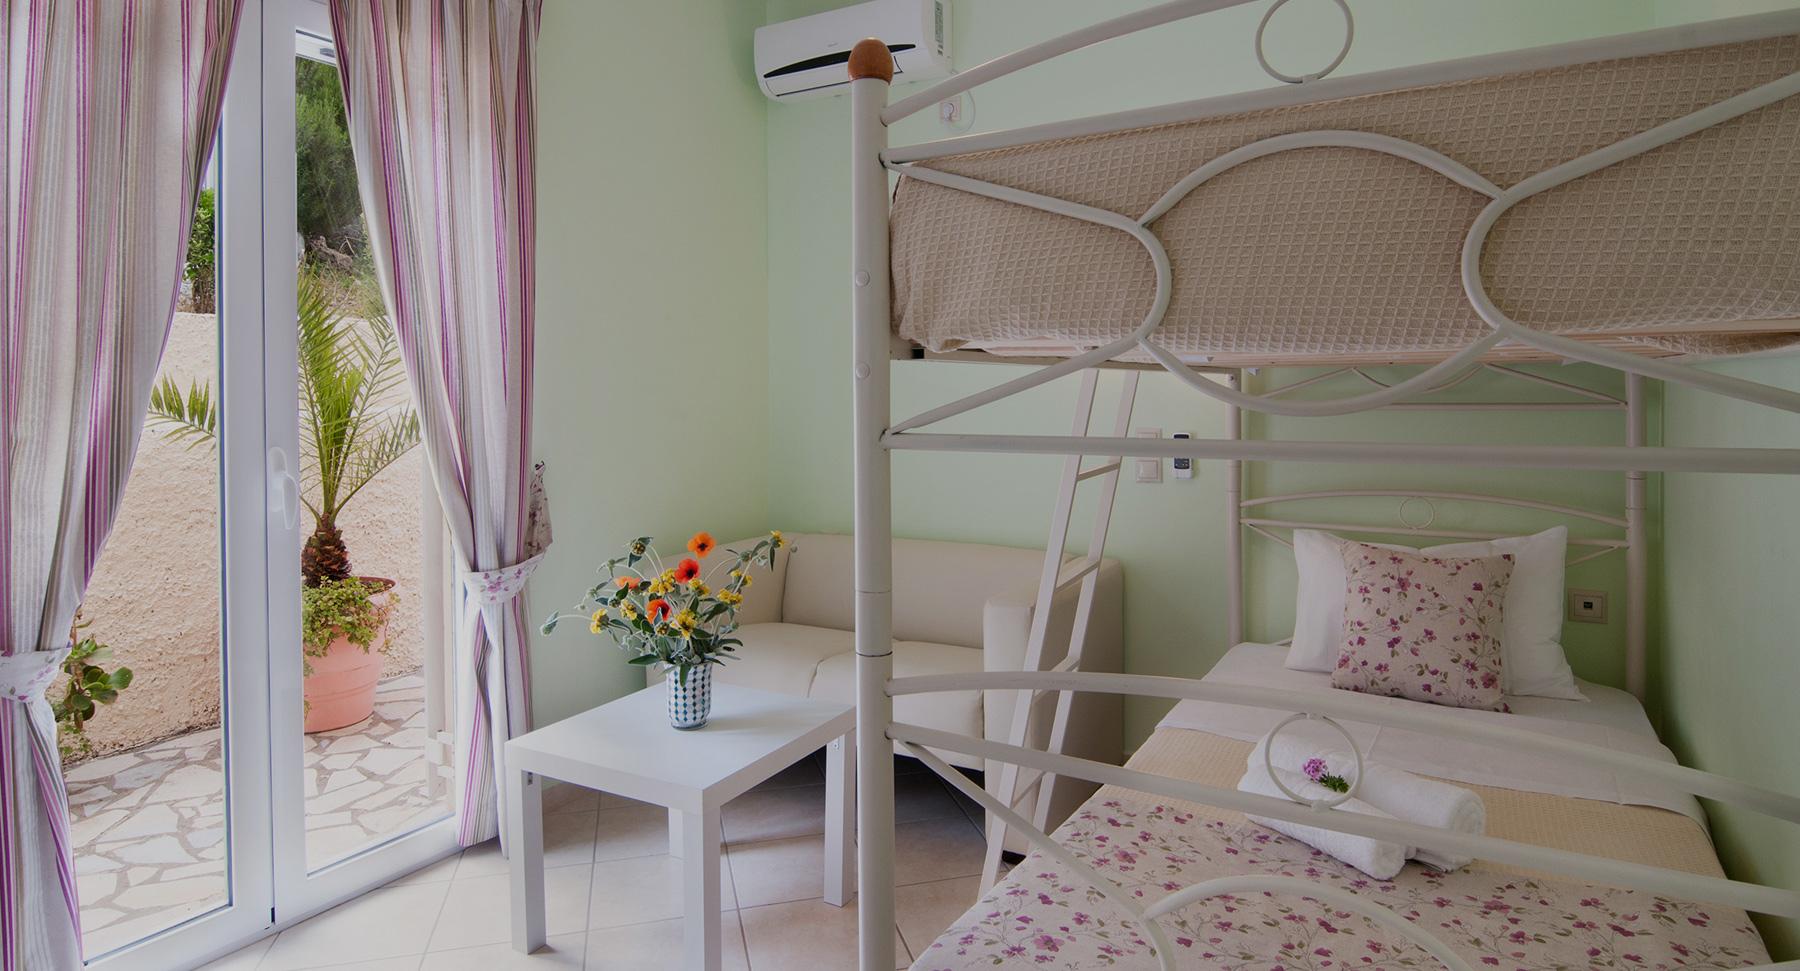 kefalnia_villa_regina_interior_003